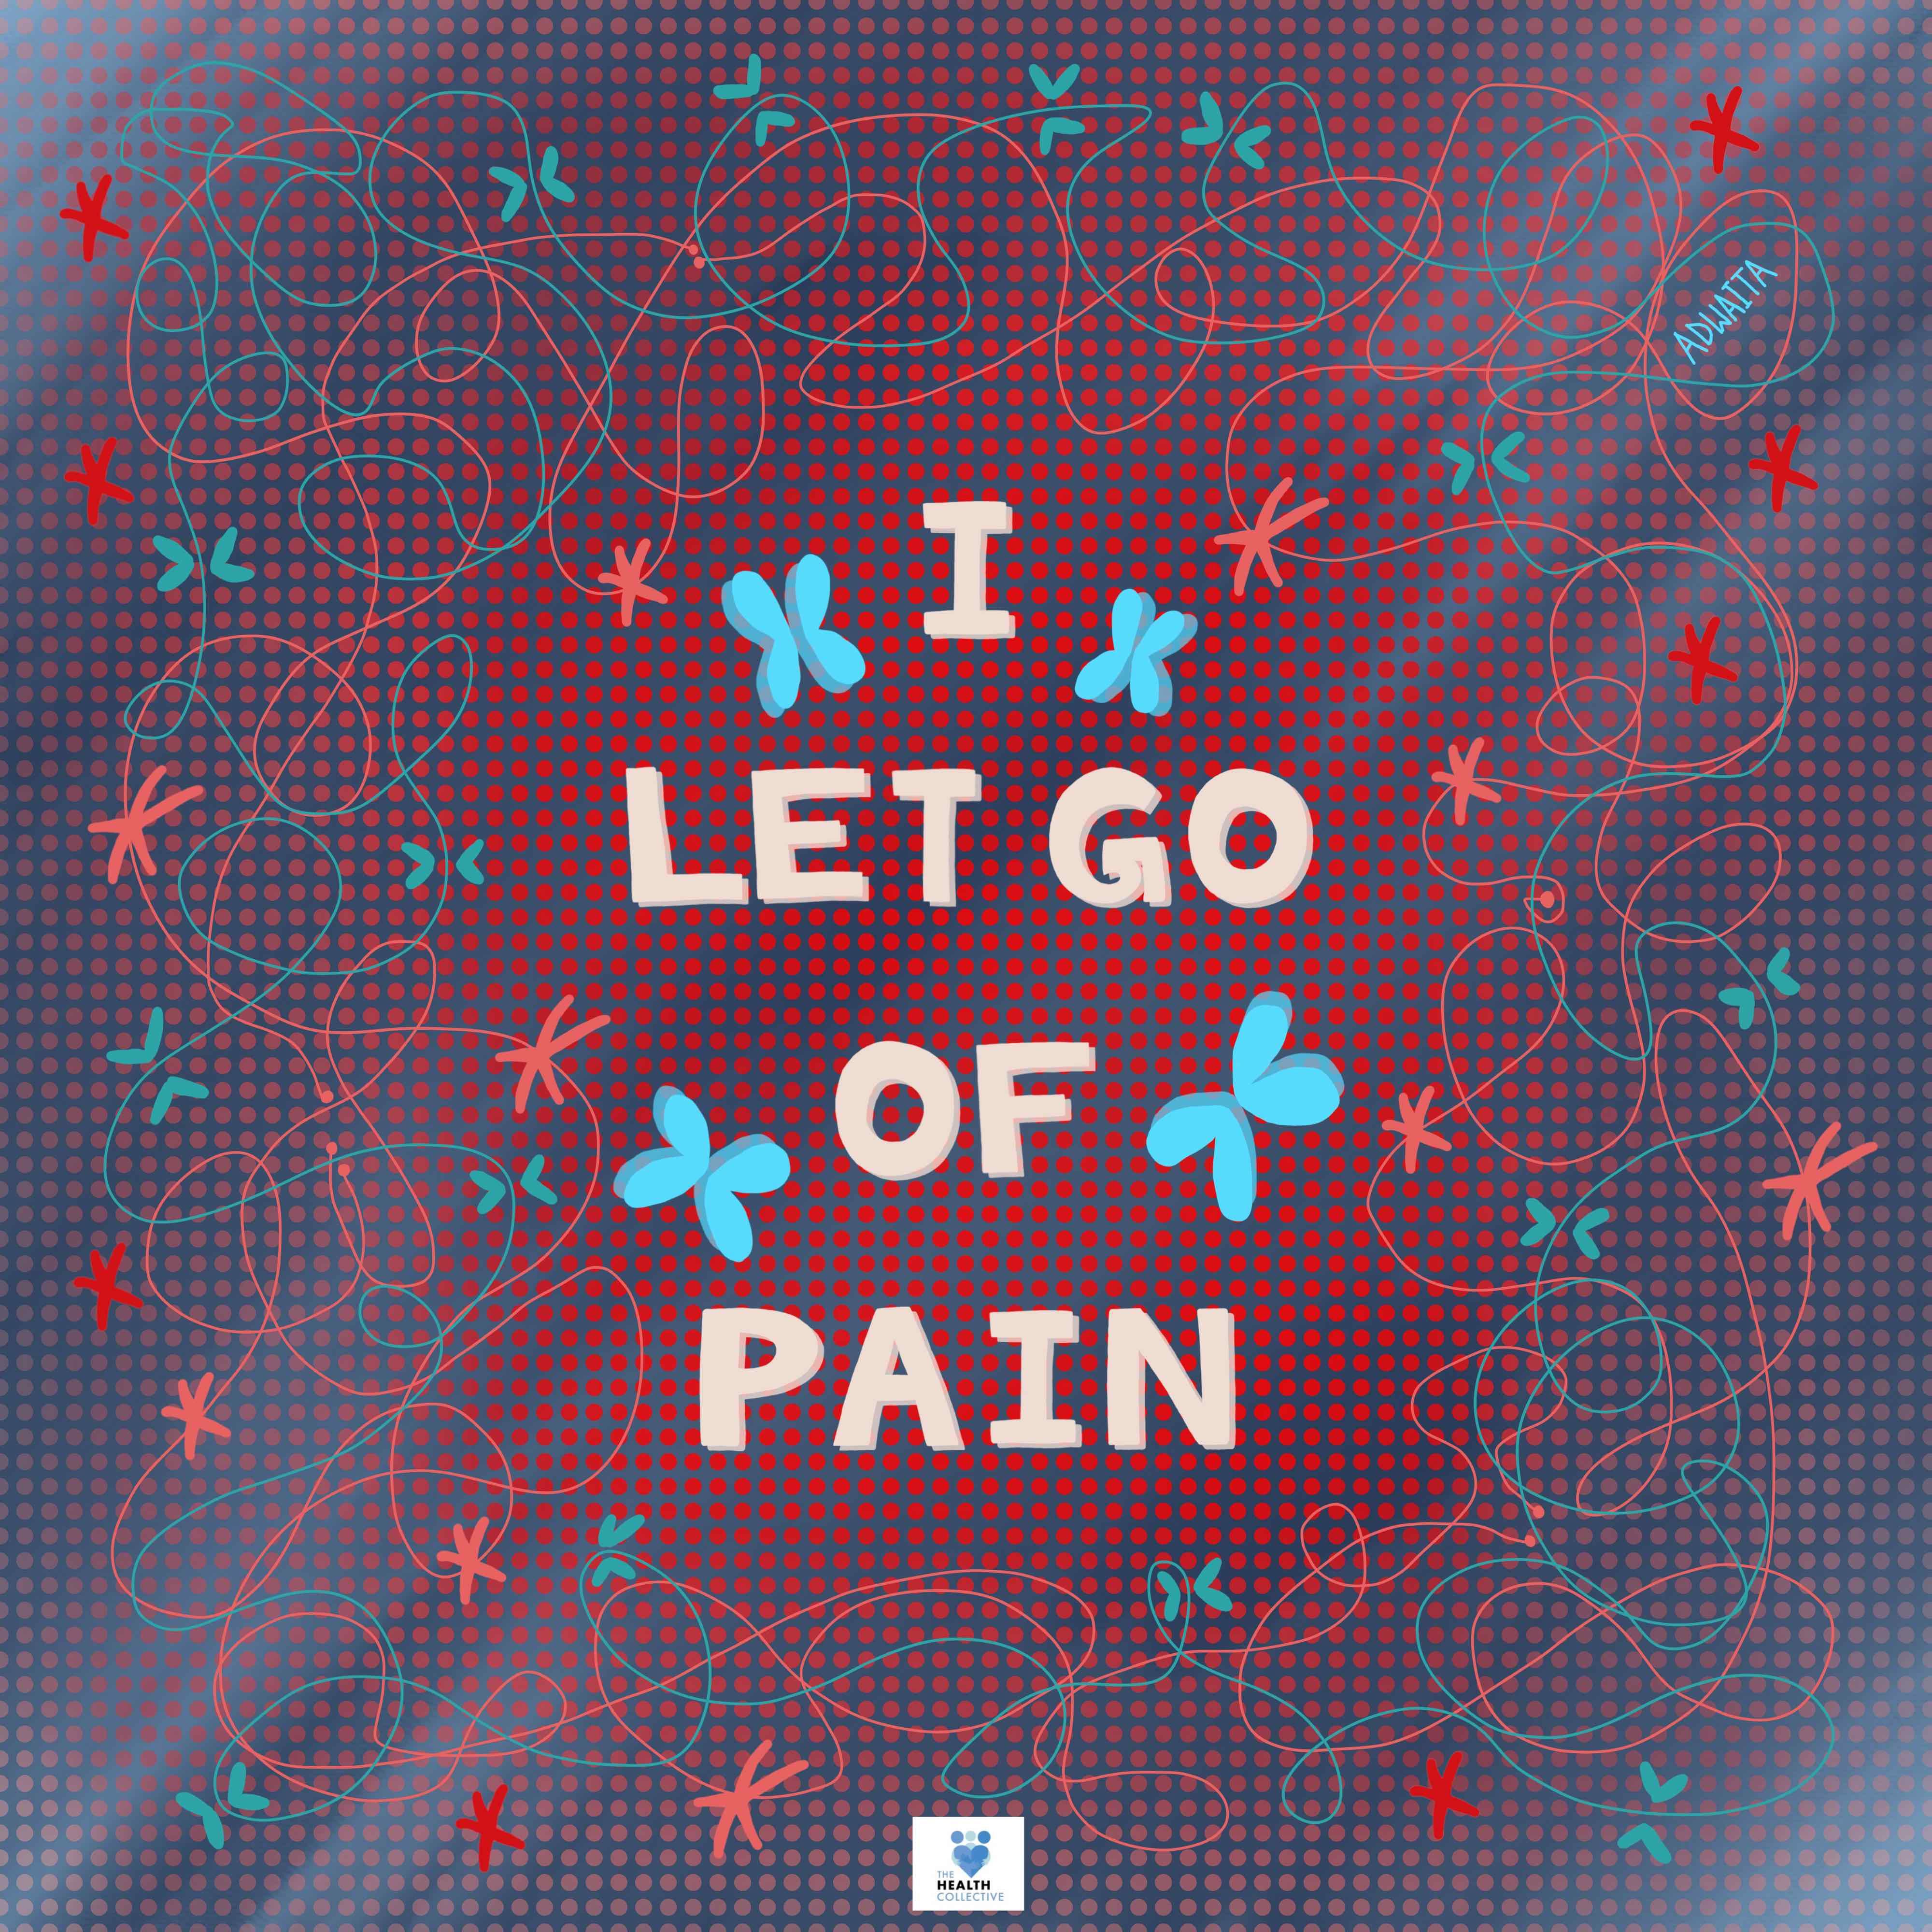 Affirmation I Let Go oF Pain